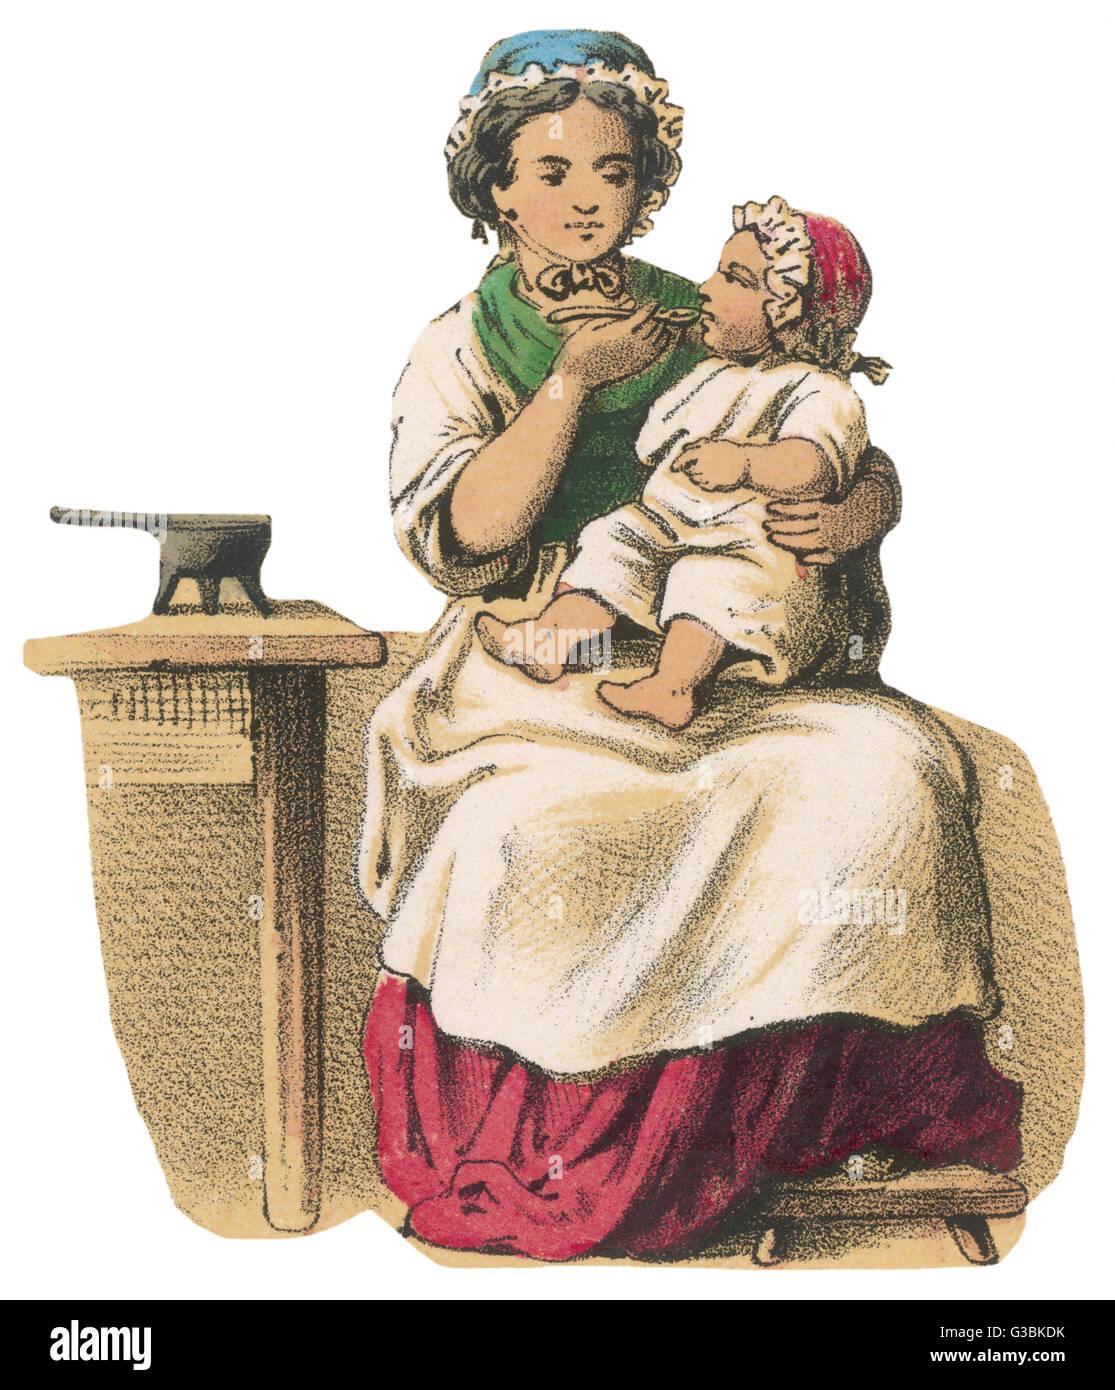 Una madre nutre il suo bambino, che ha quasi cresciuto alla dimensione dei bimbi. Data: circa 1845 Immagini Stock